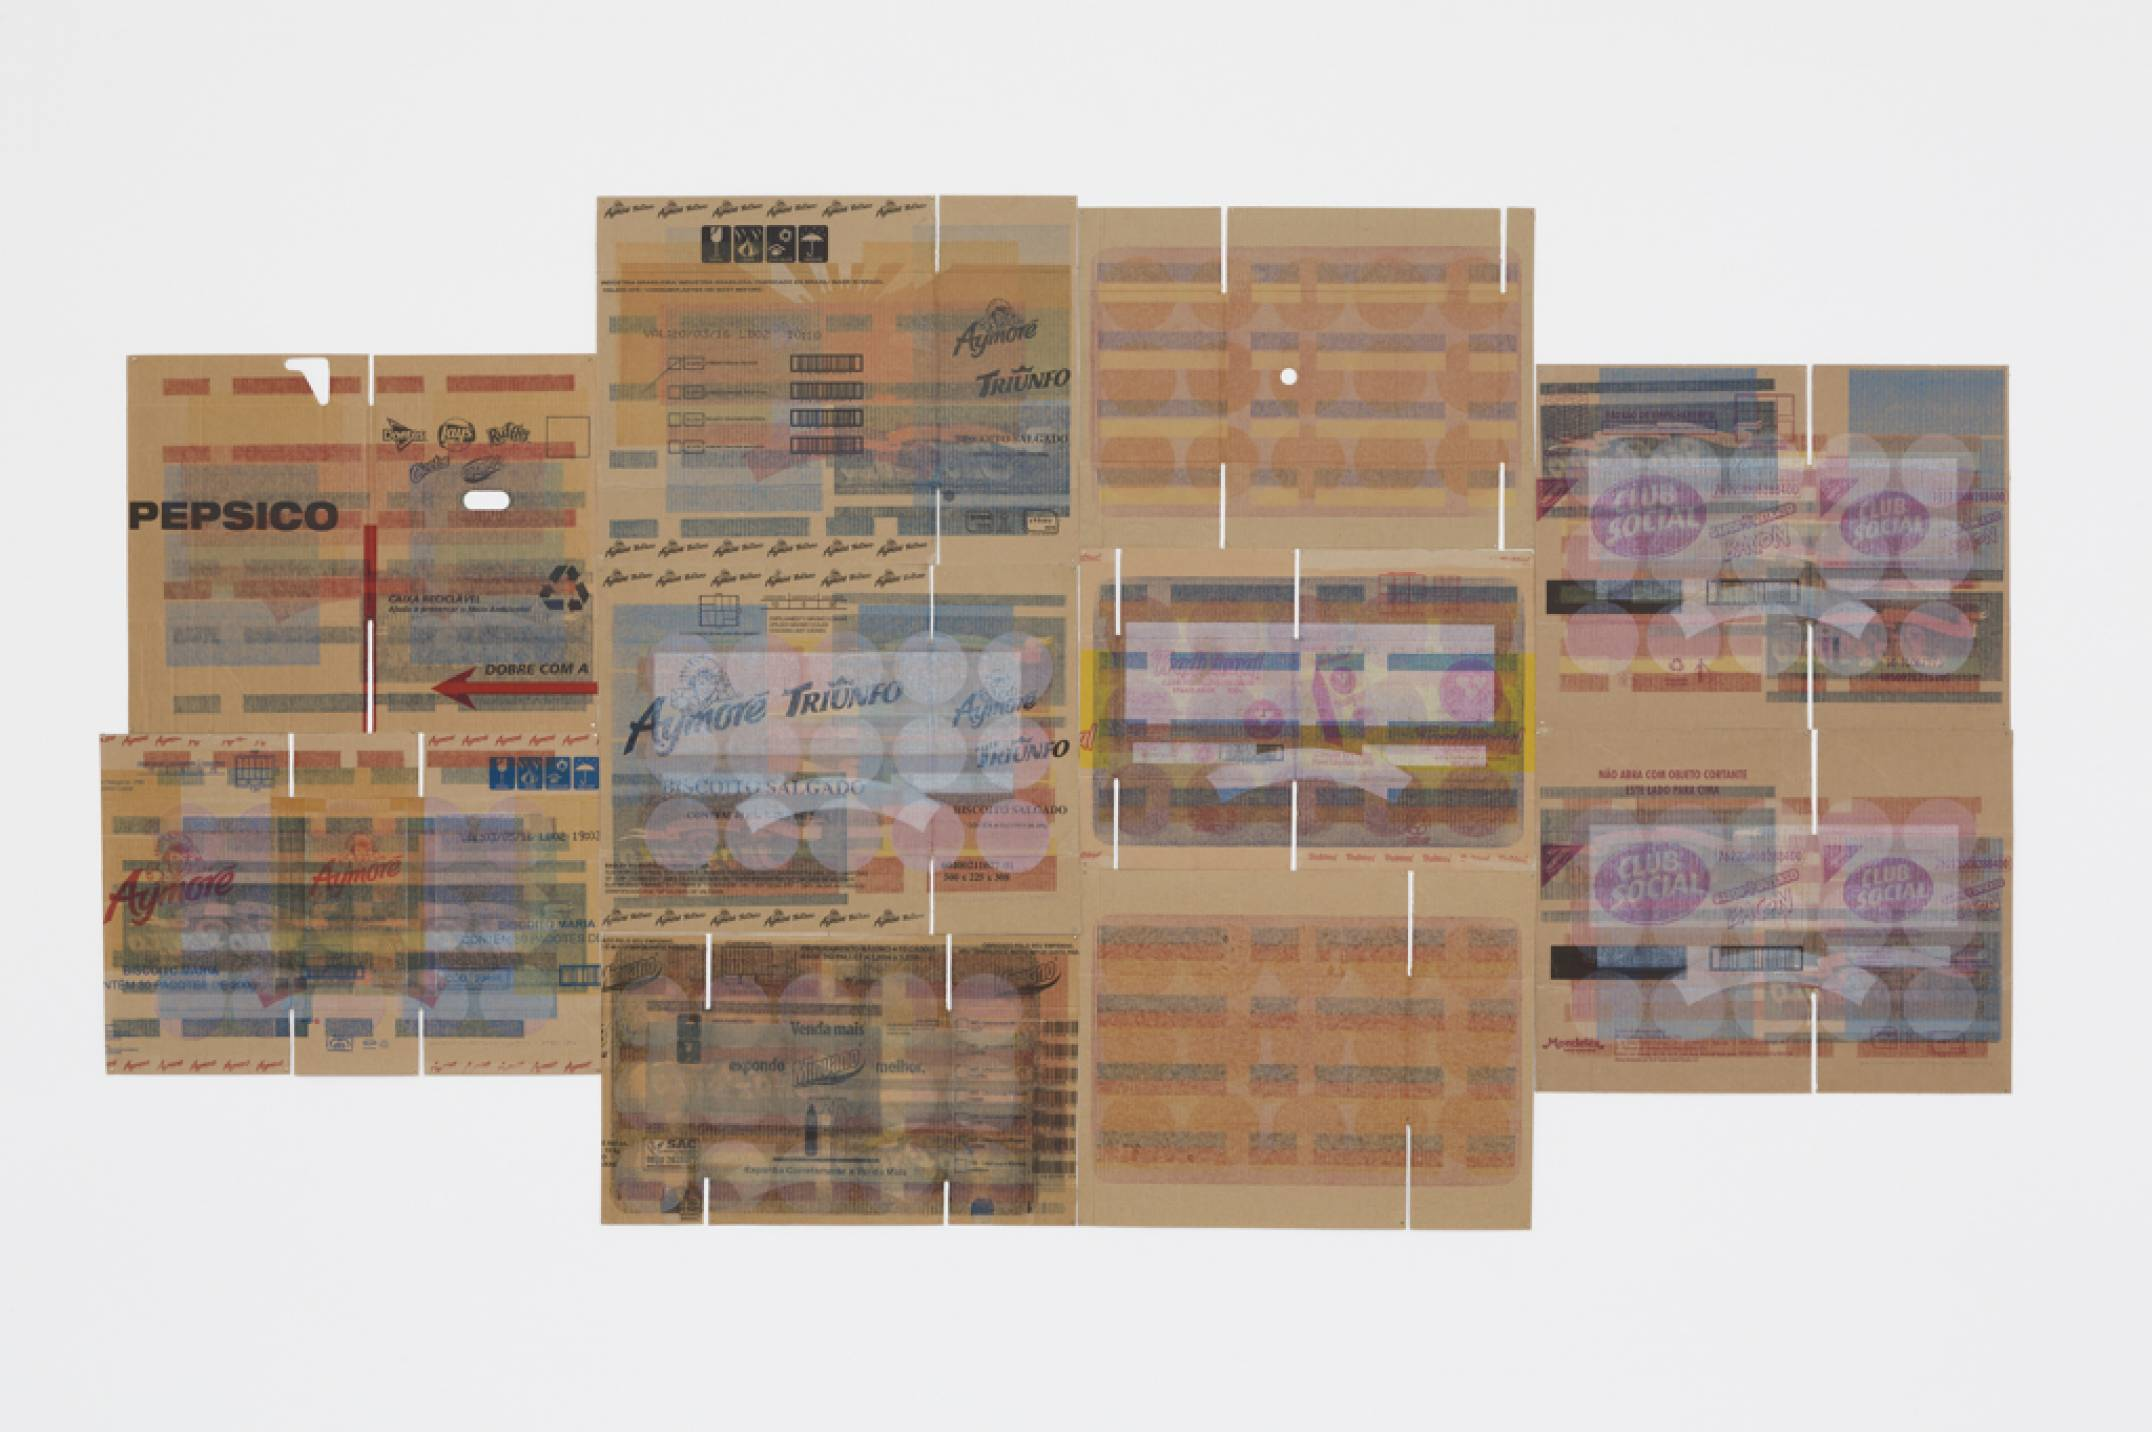 Lotus Lobo,<em> Estamparia Litográfica,</em> 2016,lithography on cardboard boxes, 74 × 59 cm (each) - Mendes Wood DM